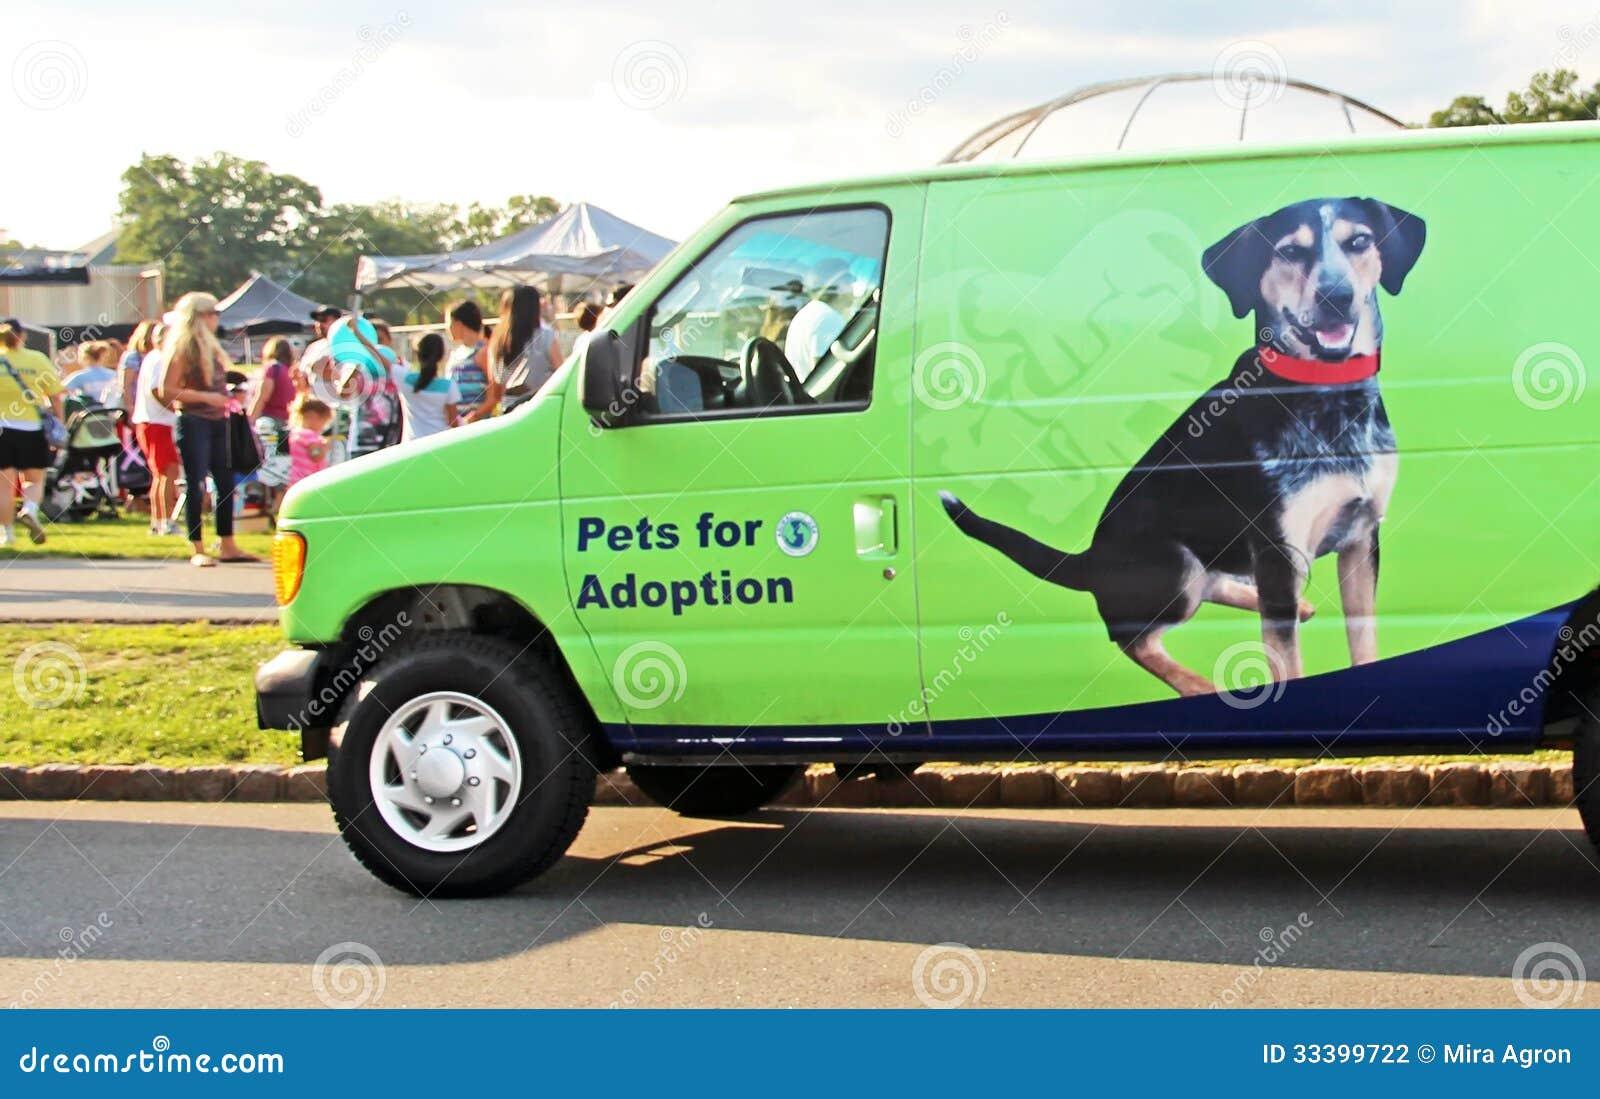 Husdjur för adoption